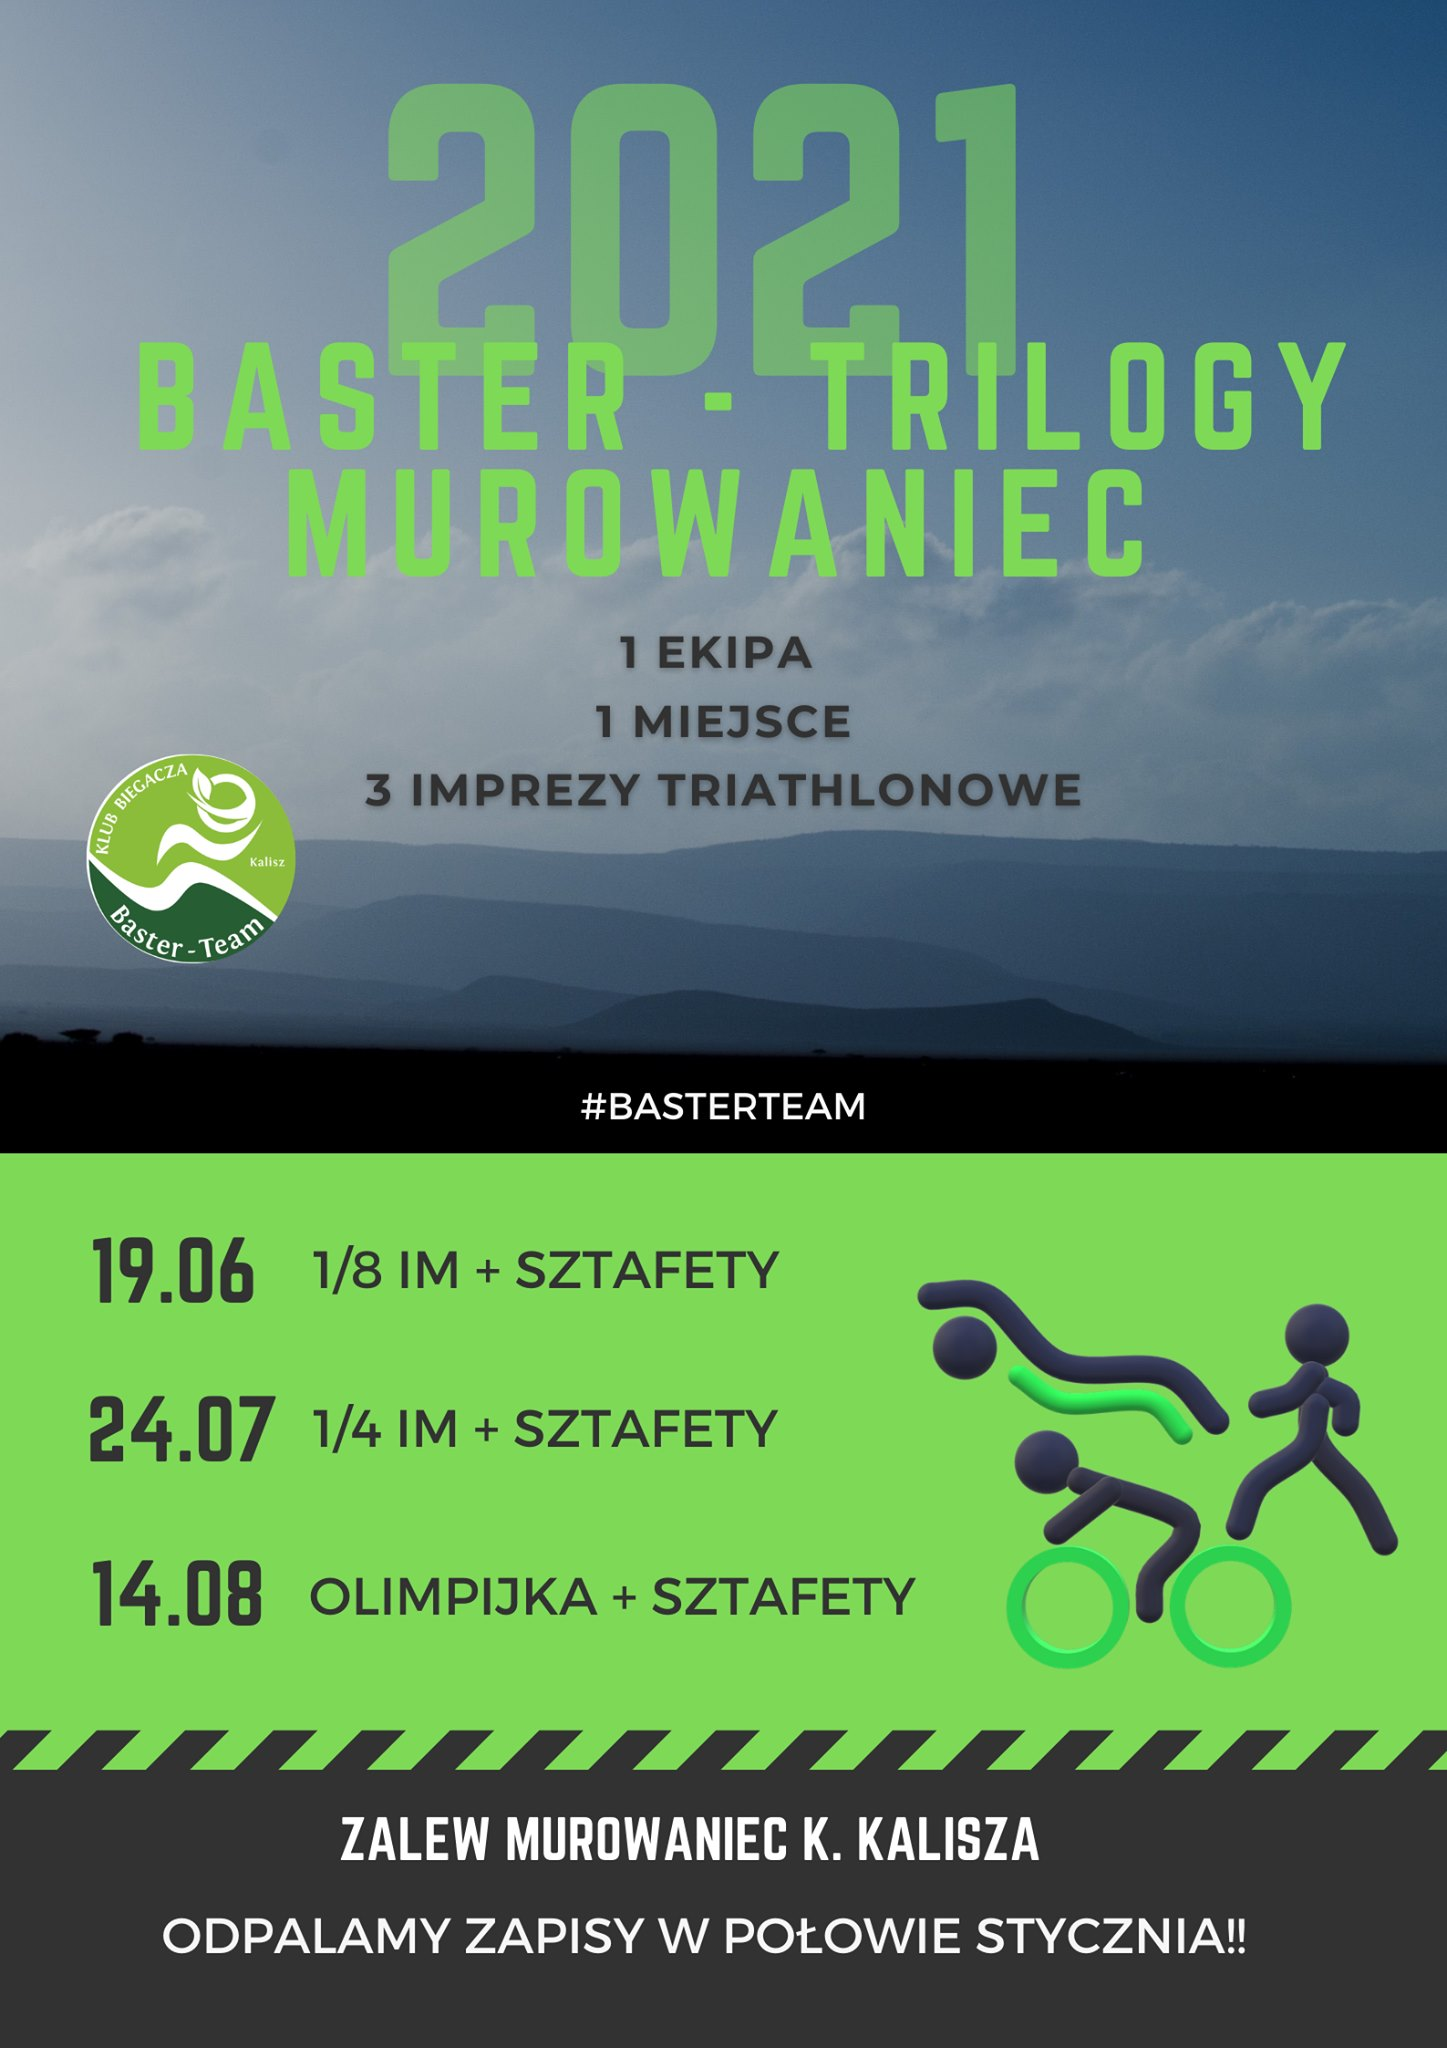 Logo Zawodów Baster Tri Murowaniec Triathlon 2021 - 1/4 ironman